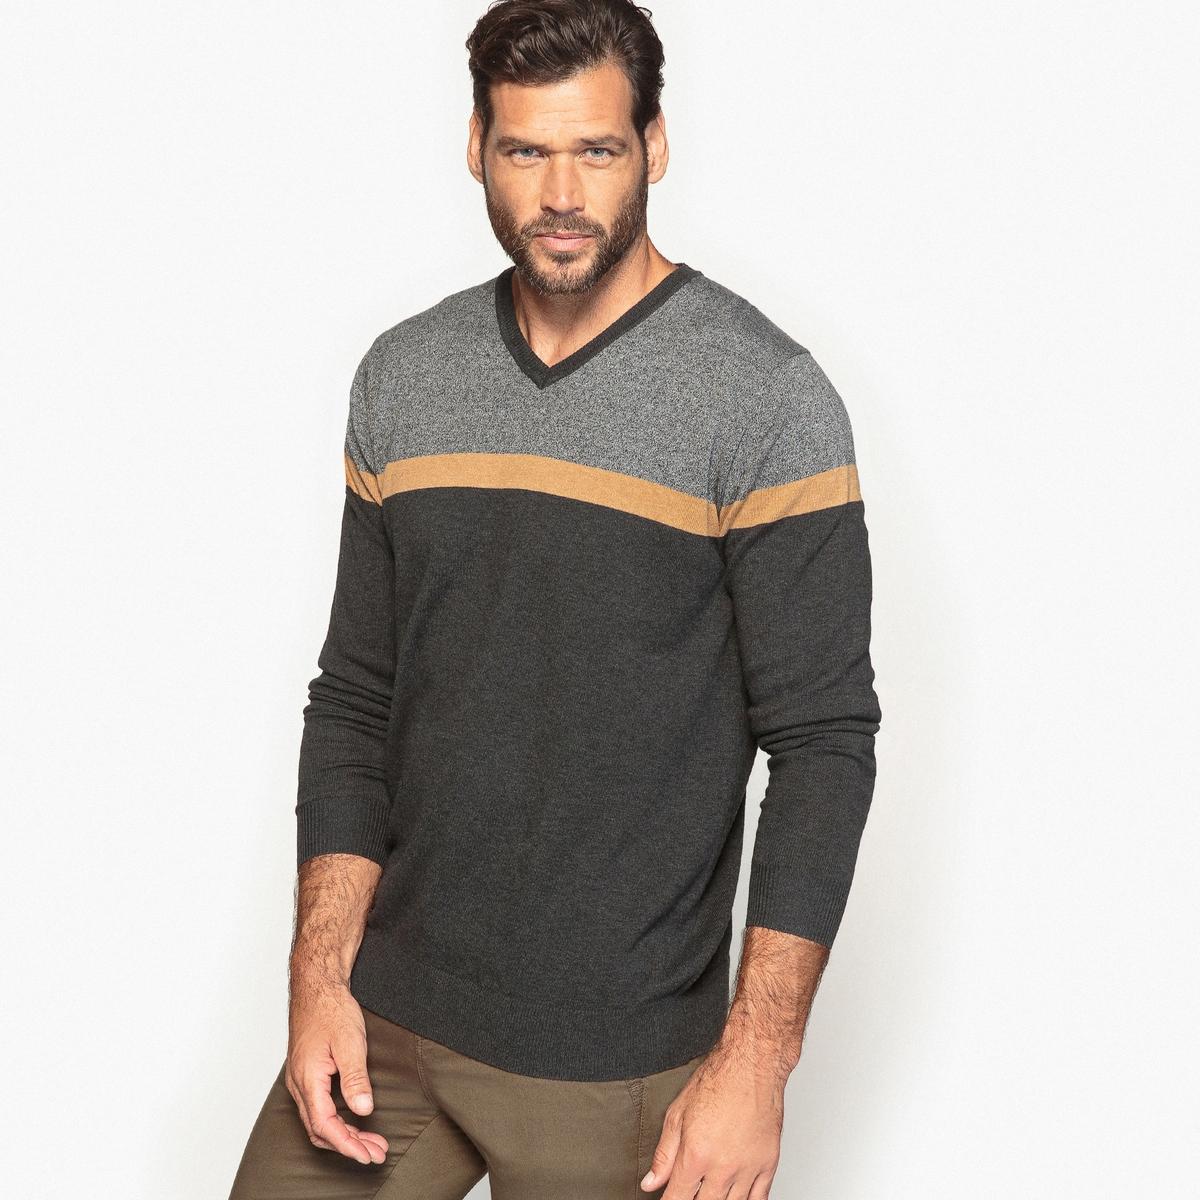 Пуловер с V-образным вырезомОписание:Оригинальный пуловер с V-образным вырезом в стиле  color block. Графичный пуловер с V-образным вырезом легко подойдет к любому наряду.Детали   •  Длинные рукава •   V-образный вырез •  Тонкий трикотаж Состав и уход   •  70% акрила, 30% хлопка •  Температура стирки 30° на деликатном режиме   •  Сухая чистка и отбеливание запрещены •  Сушить на горизонтальной поверхности •  Низкая температура глажкиТовар из коллекции больших размеров<br><br>Цвет: серый меланж/антрацит<br>Размер: 70/72.74/76.54/56